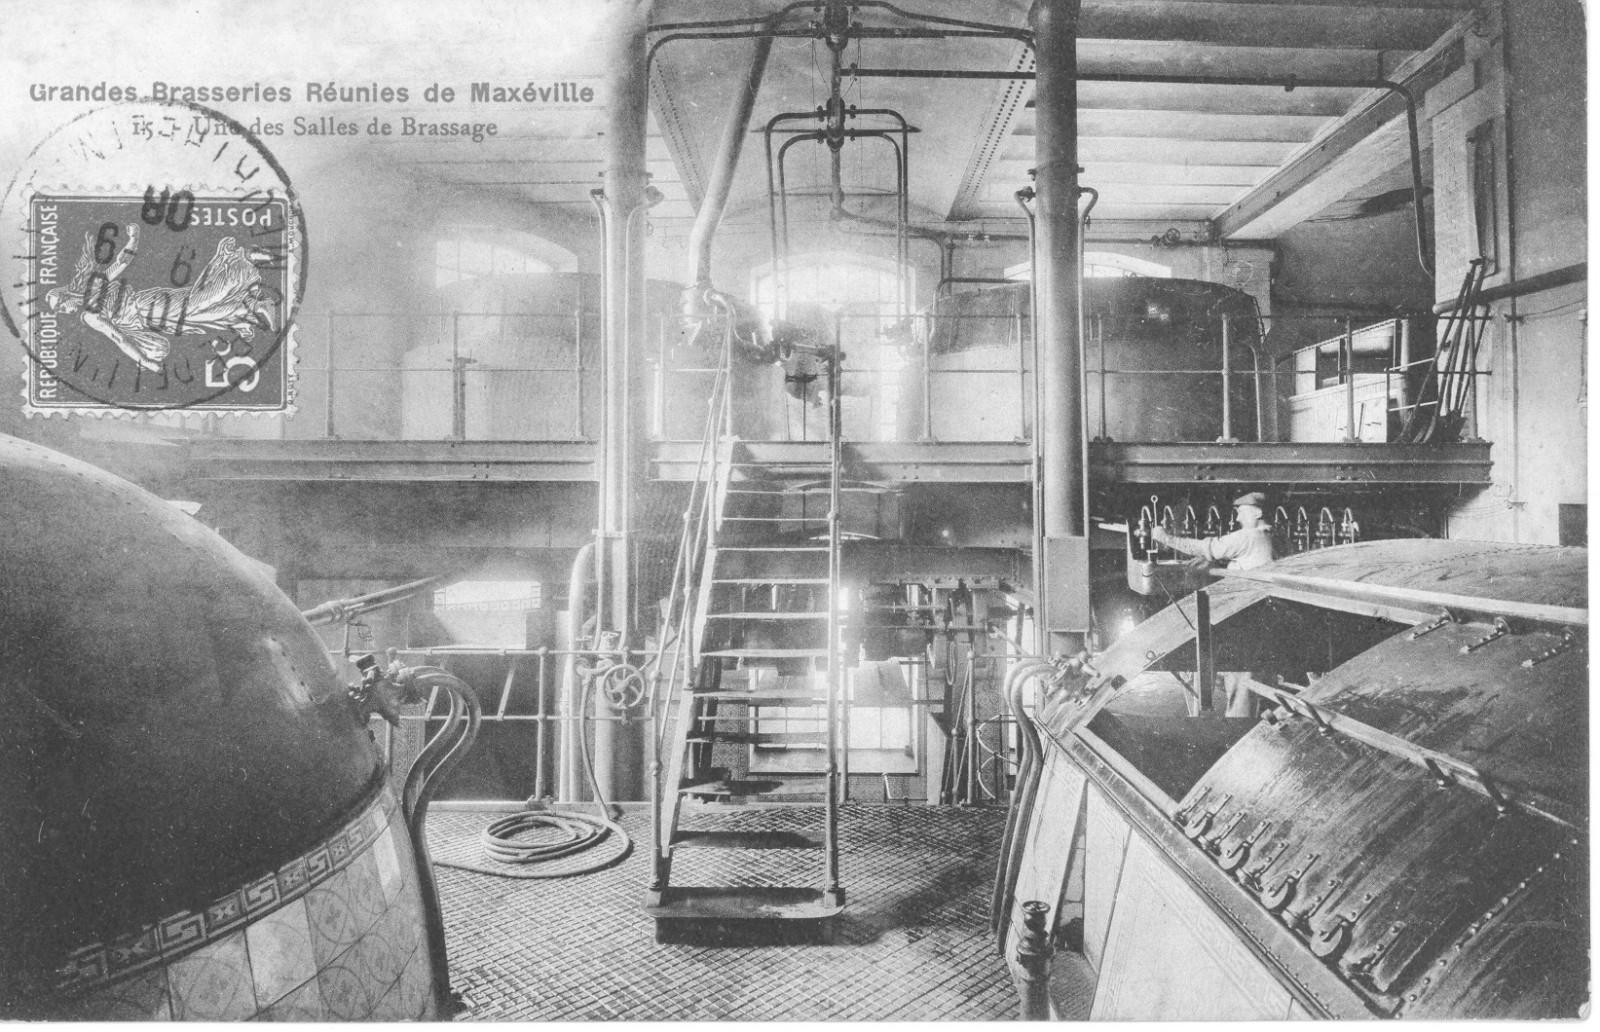 Salle de Brassage - Rue des Brasseries - Maxéville (54) - Brasseries - 1906